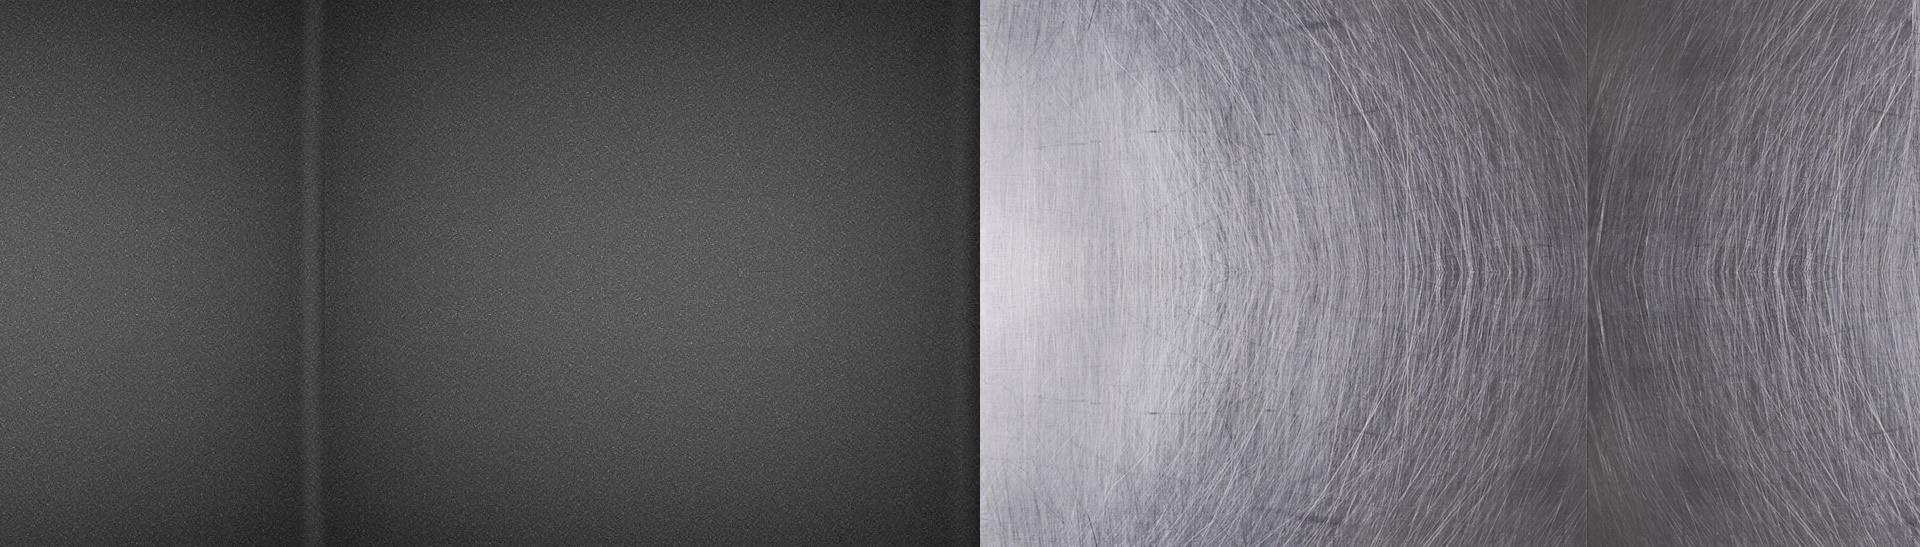 Oppvaskkum - Silgranit vs rusfritt stål